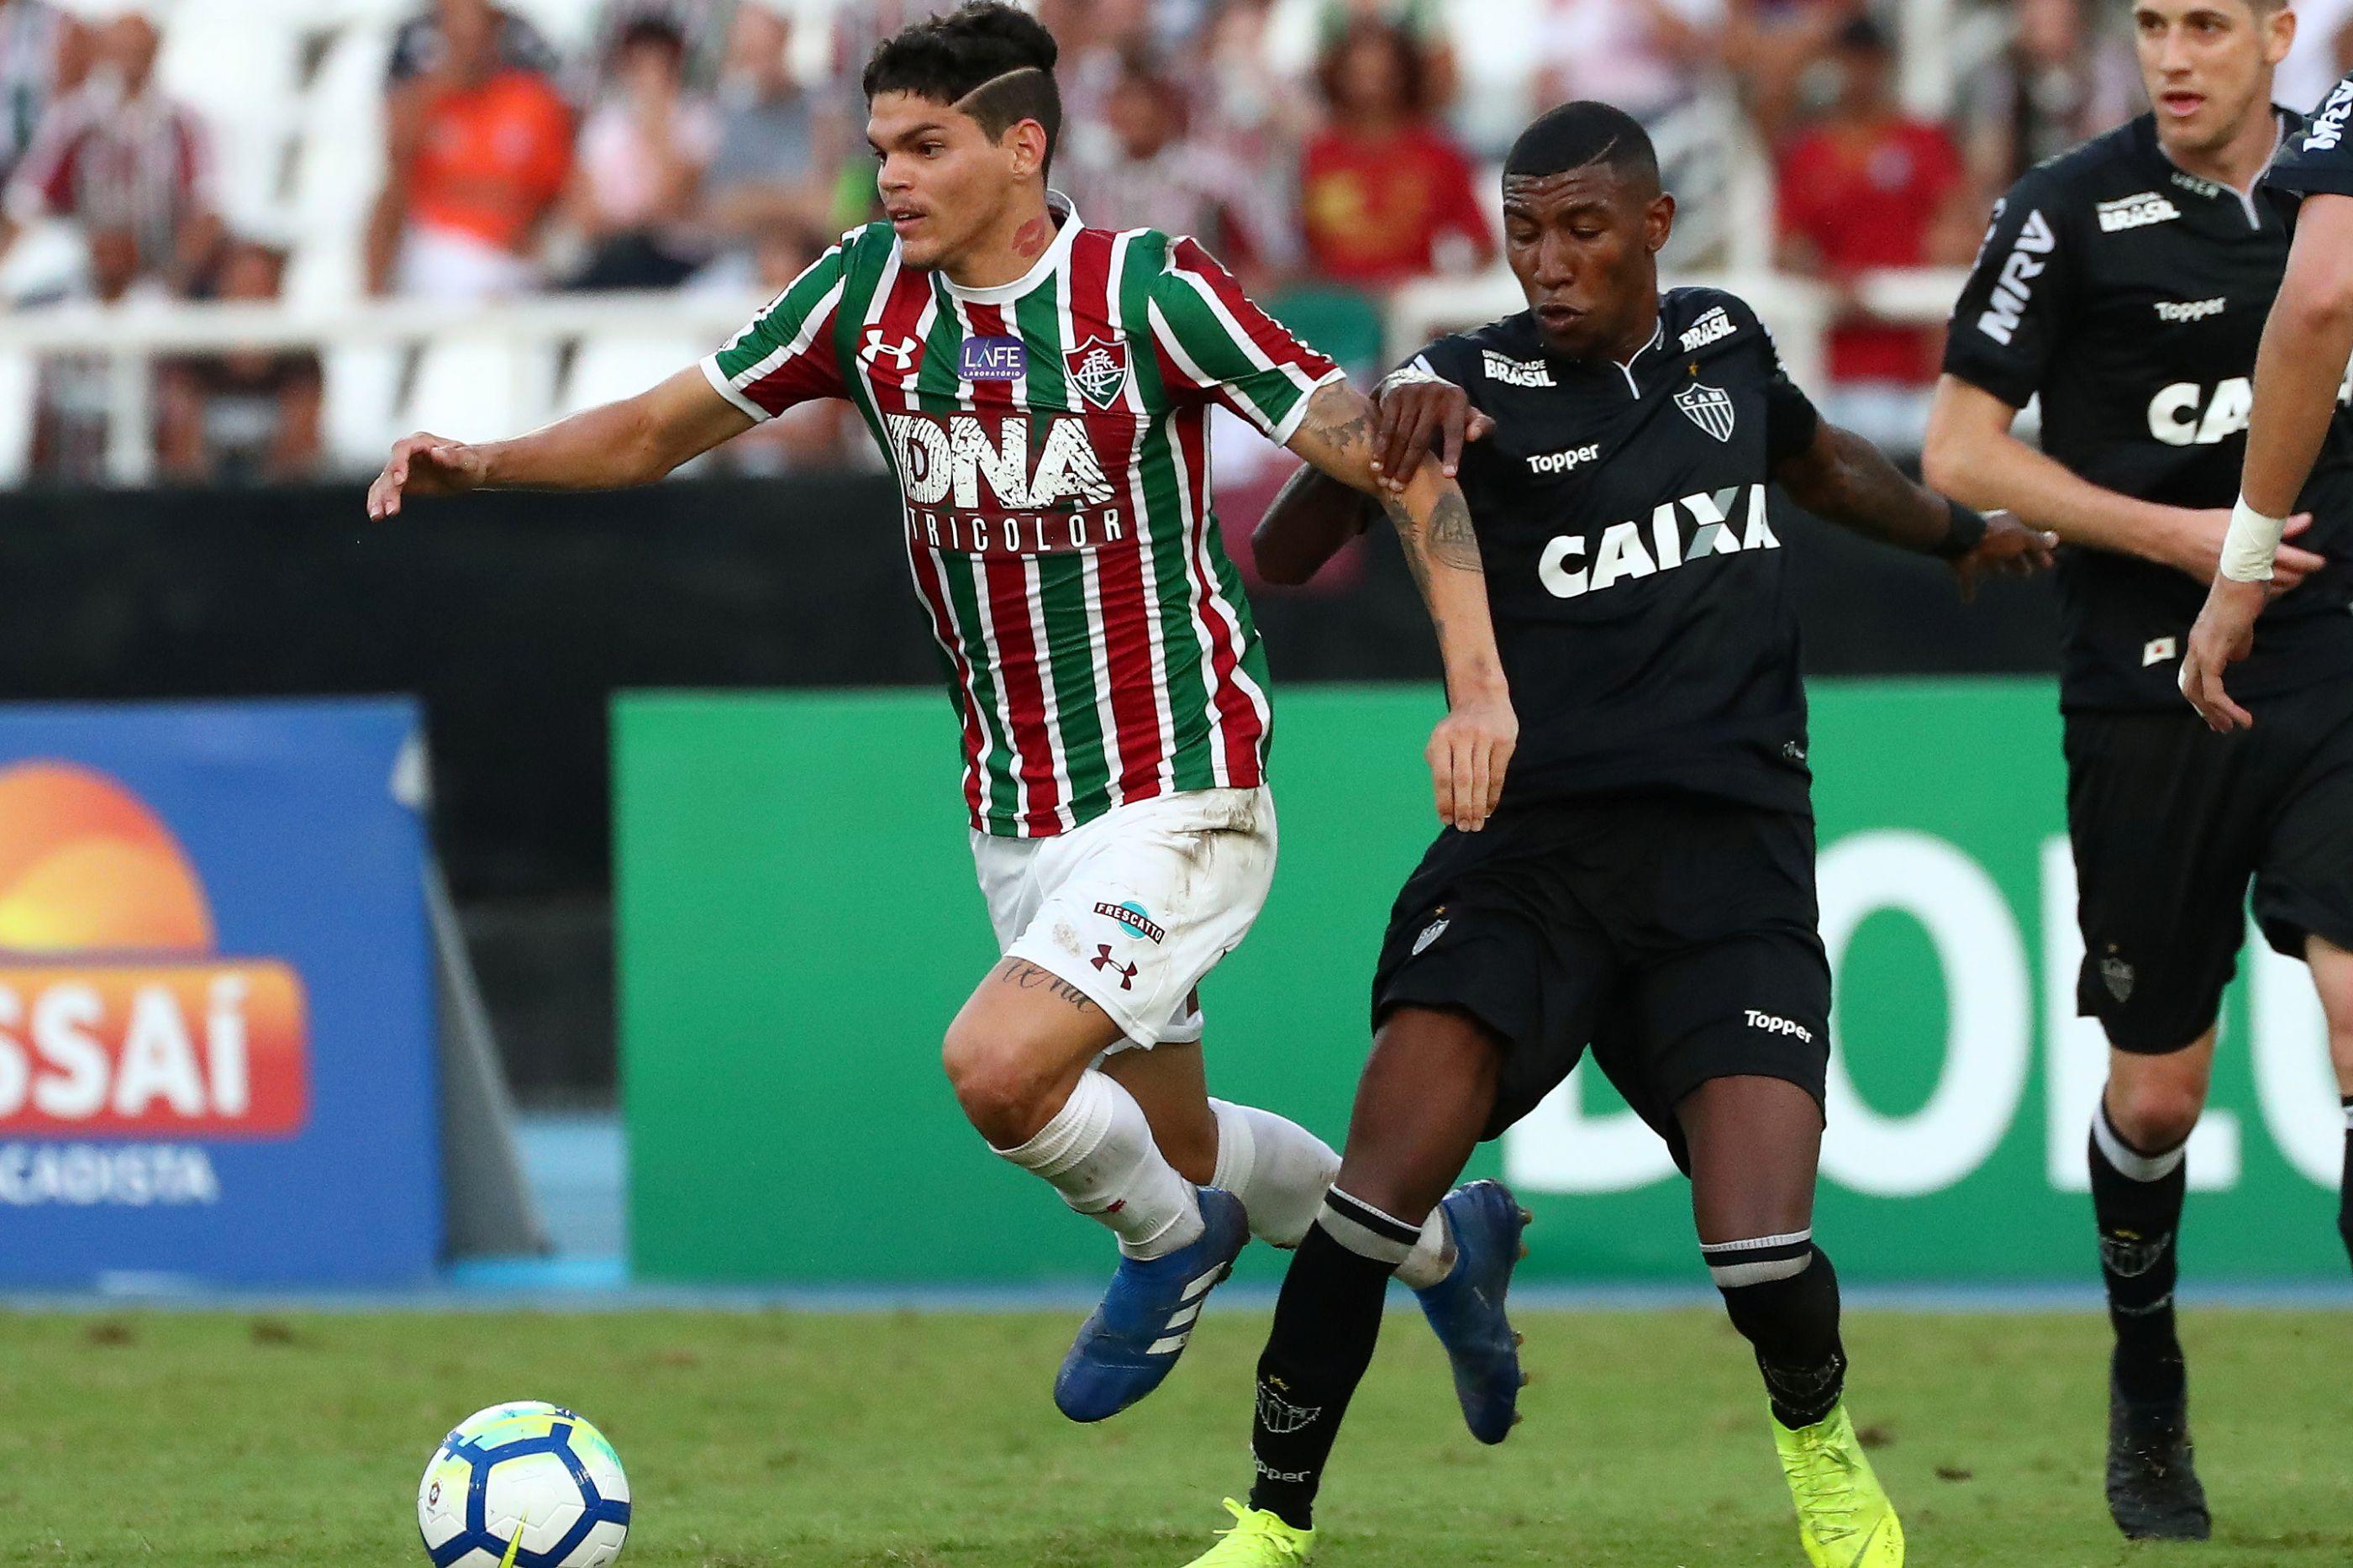 Novo lateral-esquerdo do Sporting pode chegar do Fluminense